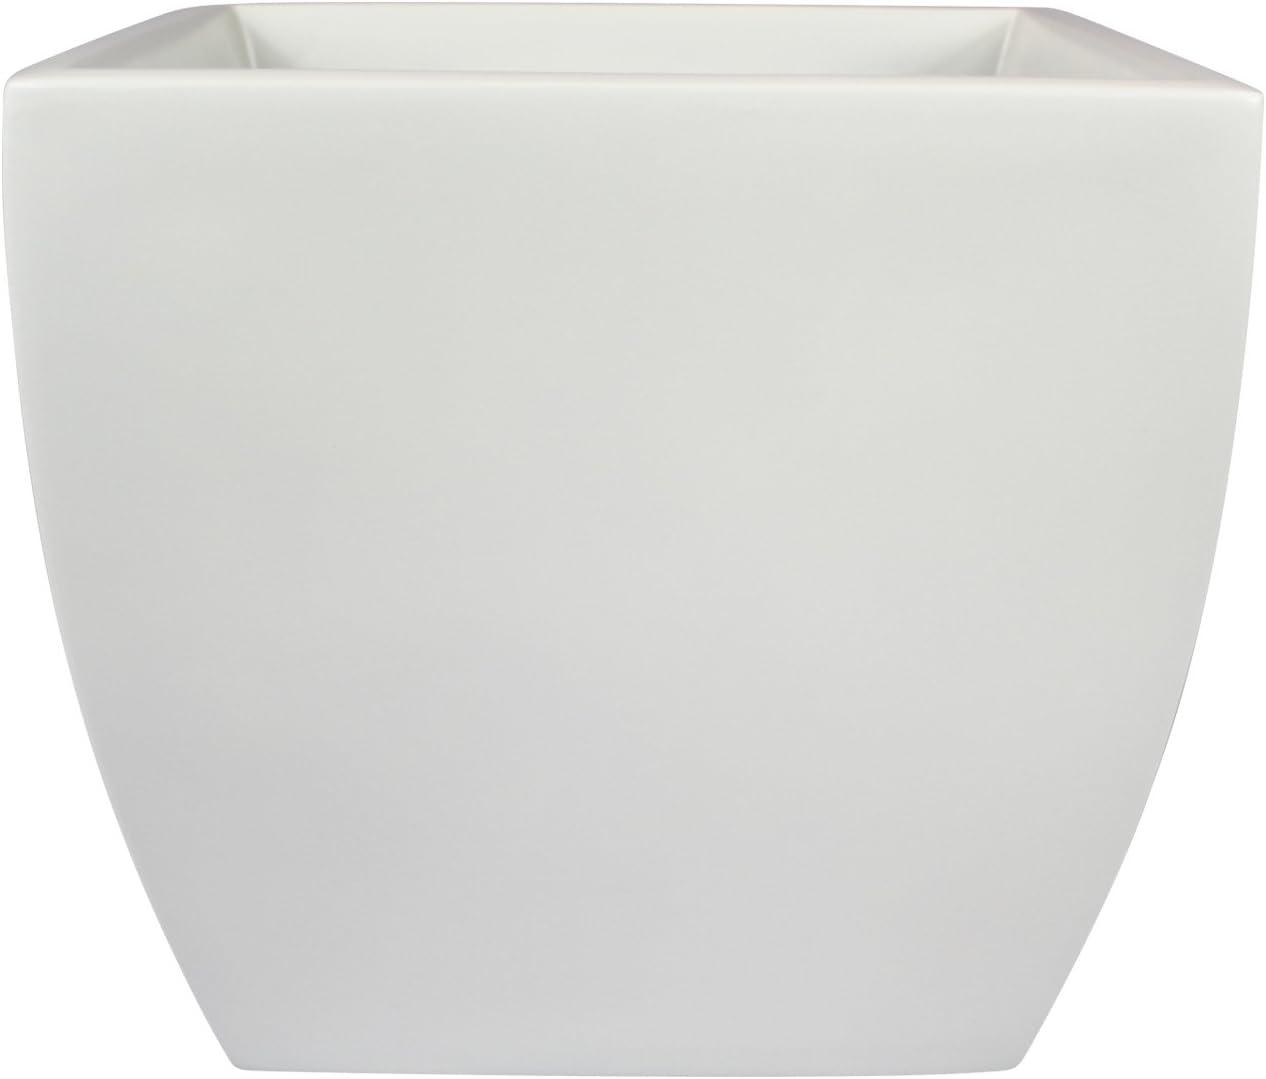 Pacifica Square Curved Fiberglass Planter, White, 16 Inch